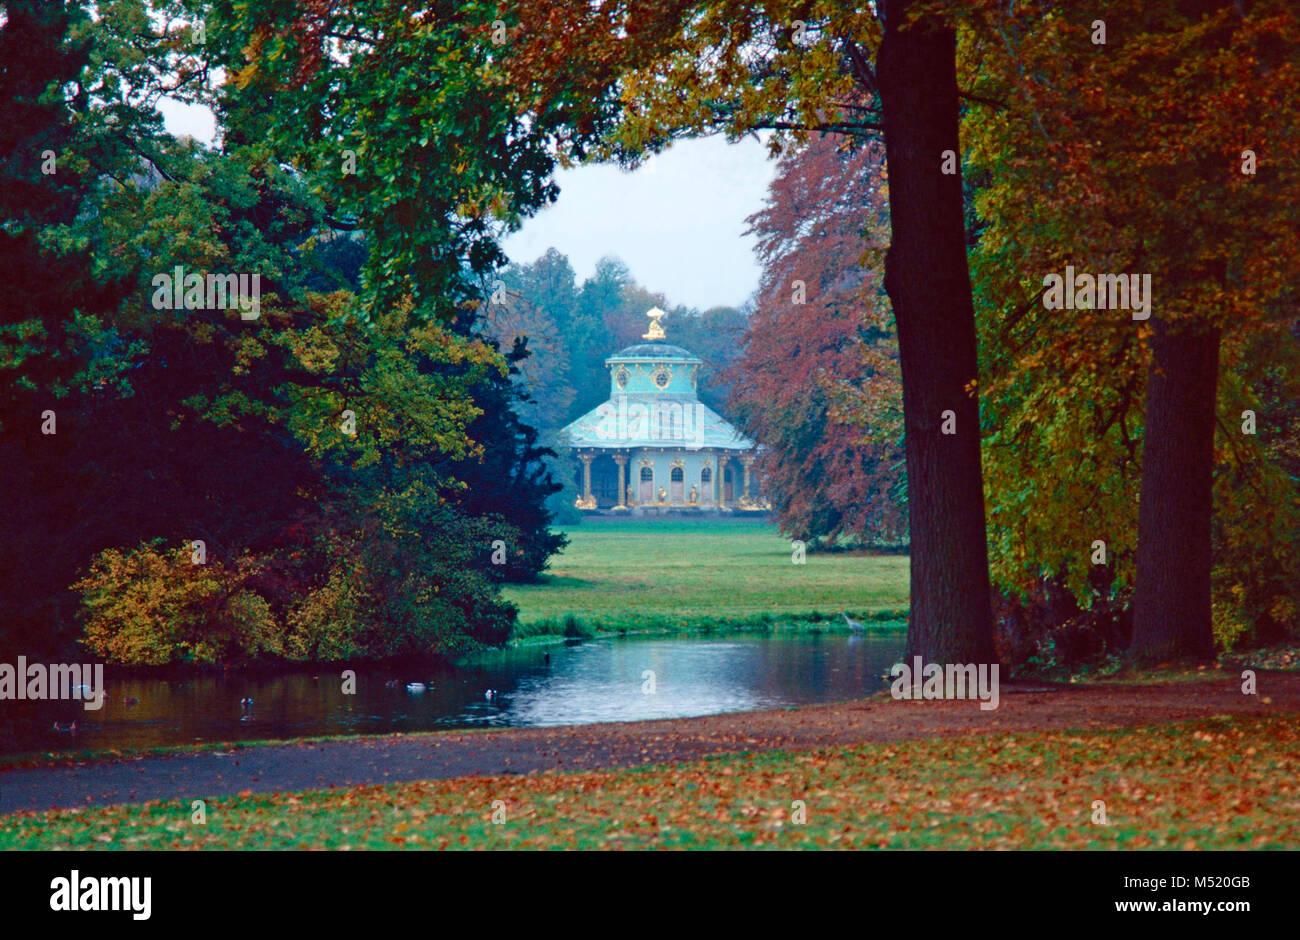 Chinese House,Sanssouci Park,Potsdam,Germany - Stock Image